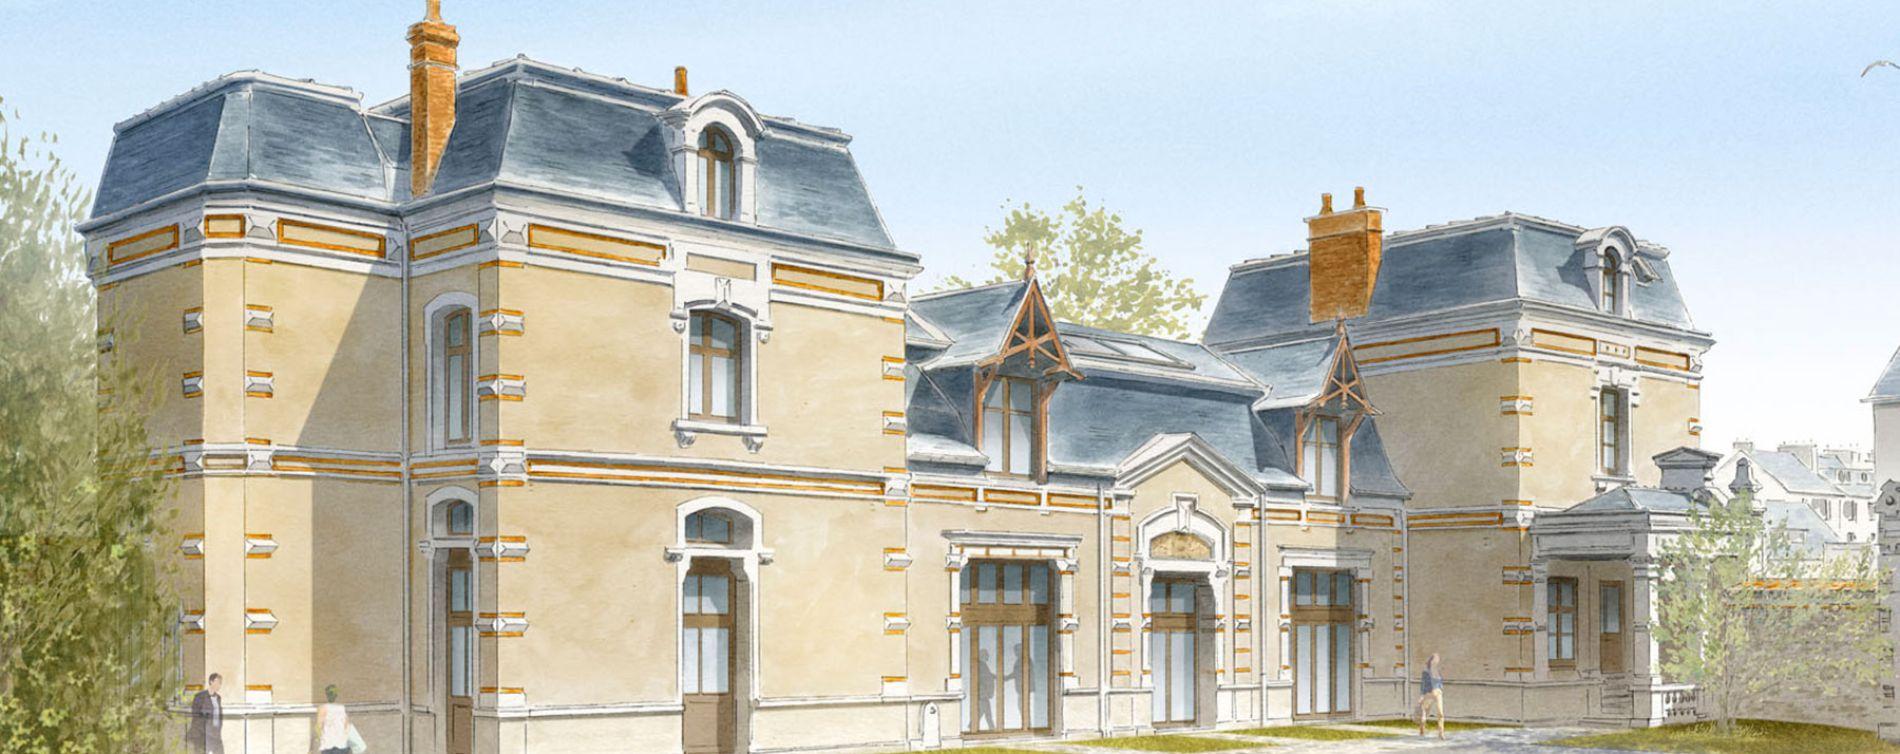 Résidence La Folie-Guillemot à Rennes